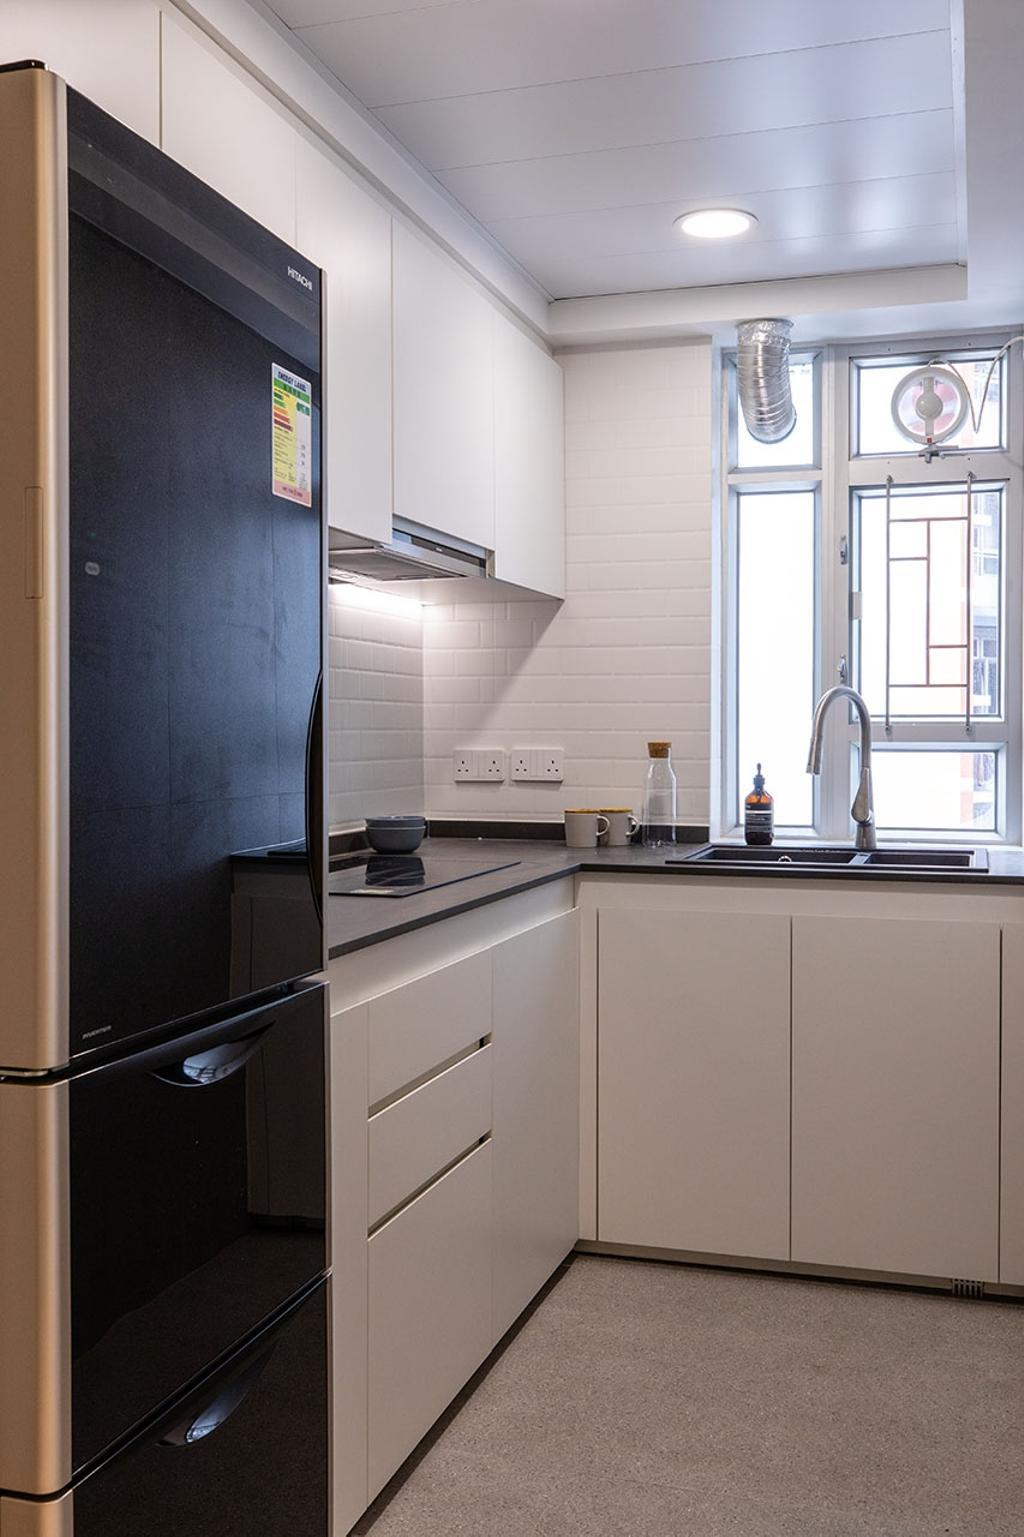 北歐, 公屋/居屋, 廚房, 凱樂苑, 室內設計師, MAD Studio Limited